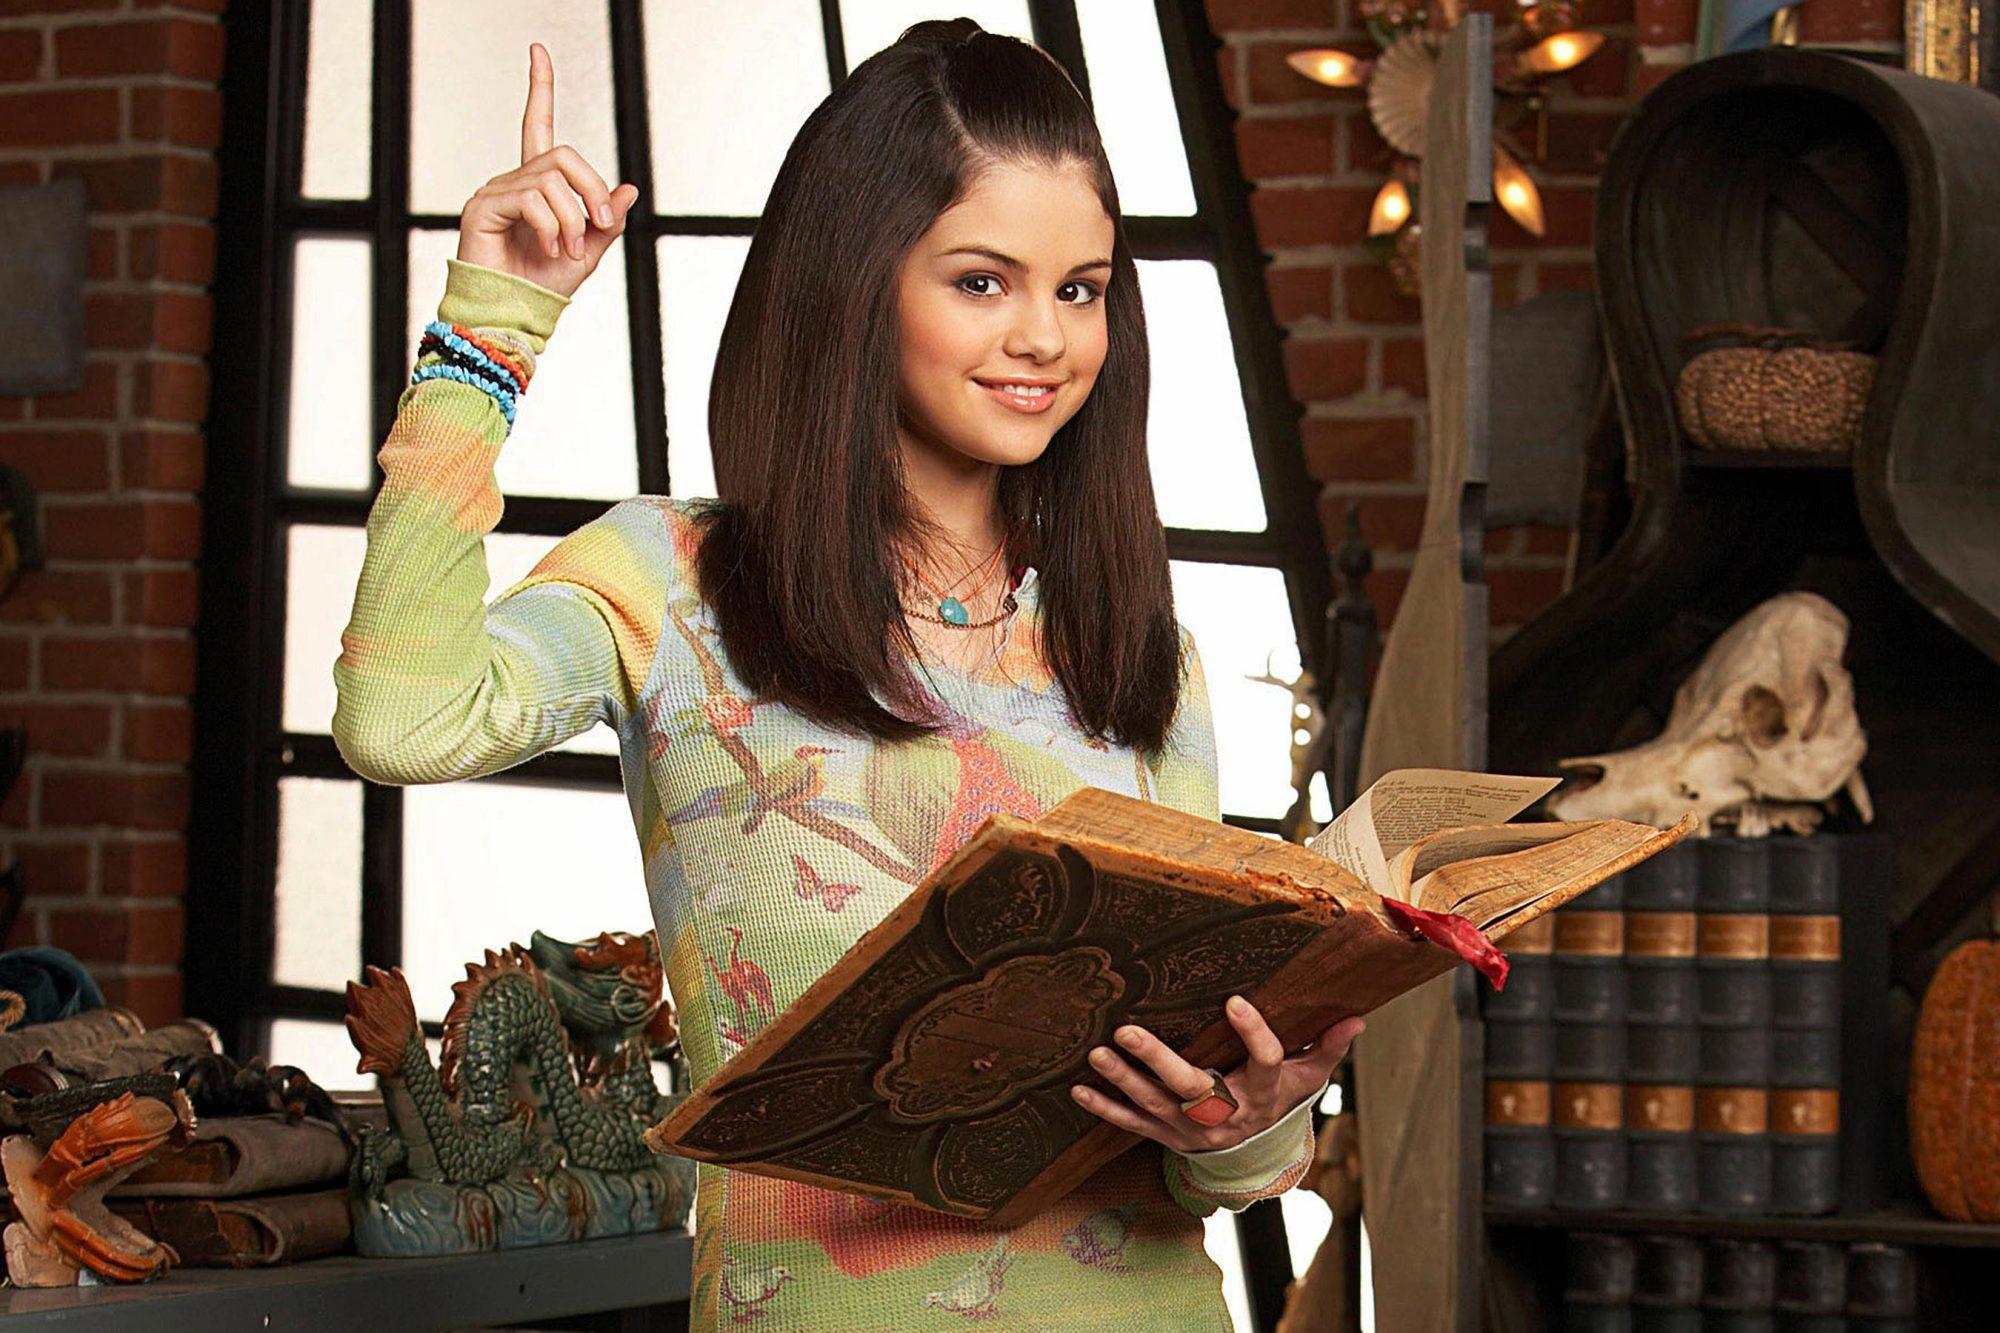 WIZARDS OF WAVERLY PLACE, Selena Gomez, (Season 1), 2007-,. Photo: Criag Sjdoin © DISNEY CHANNEL / c